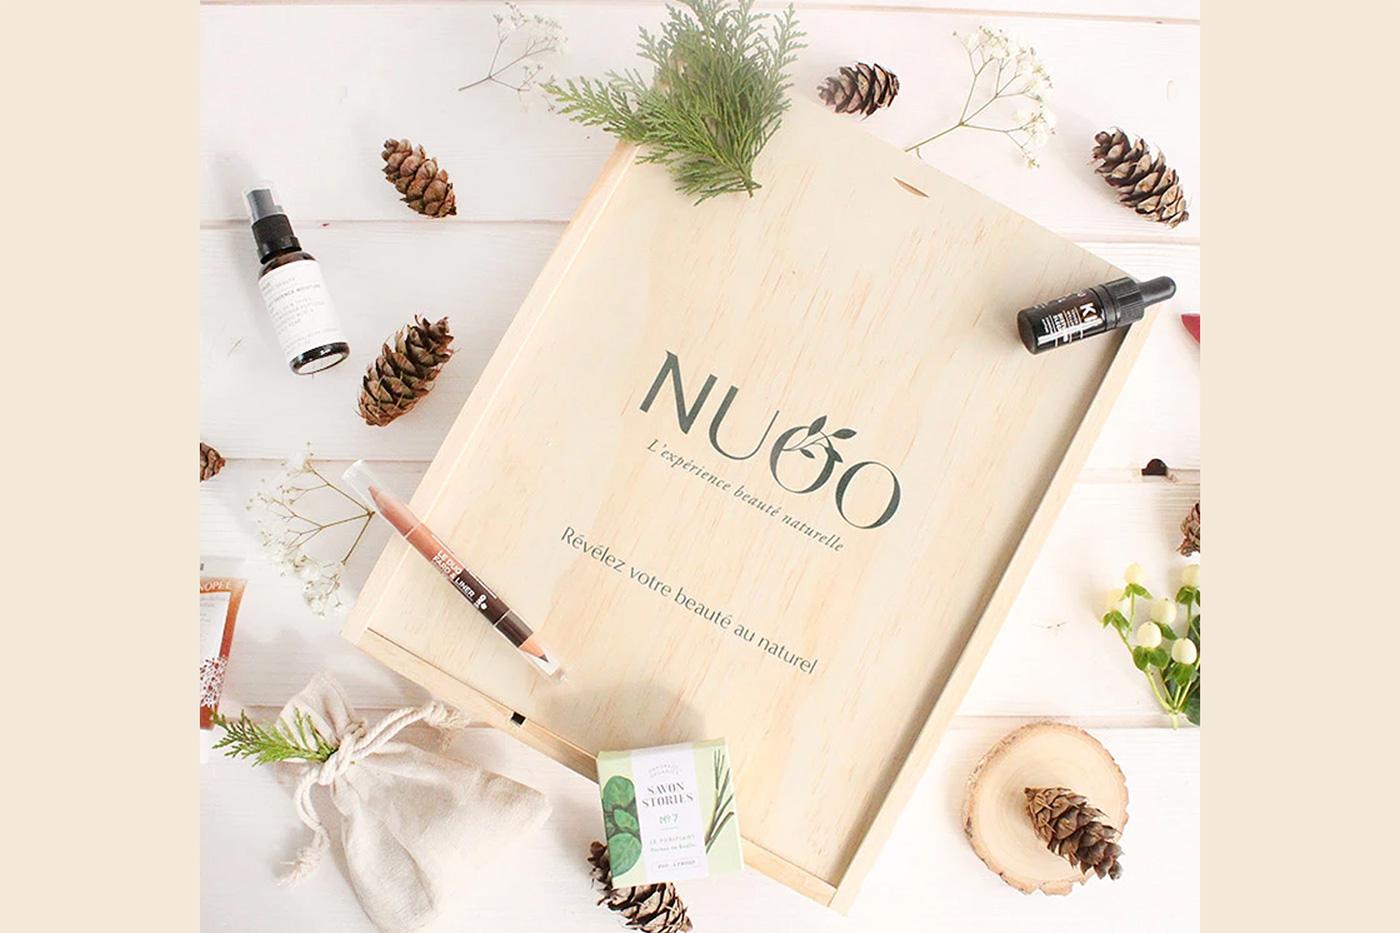 calendriers-de-l-avent-2019-NUOO-box